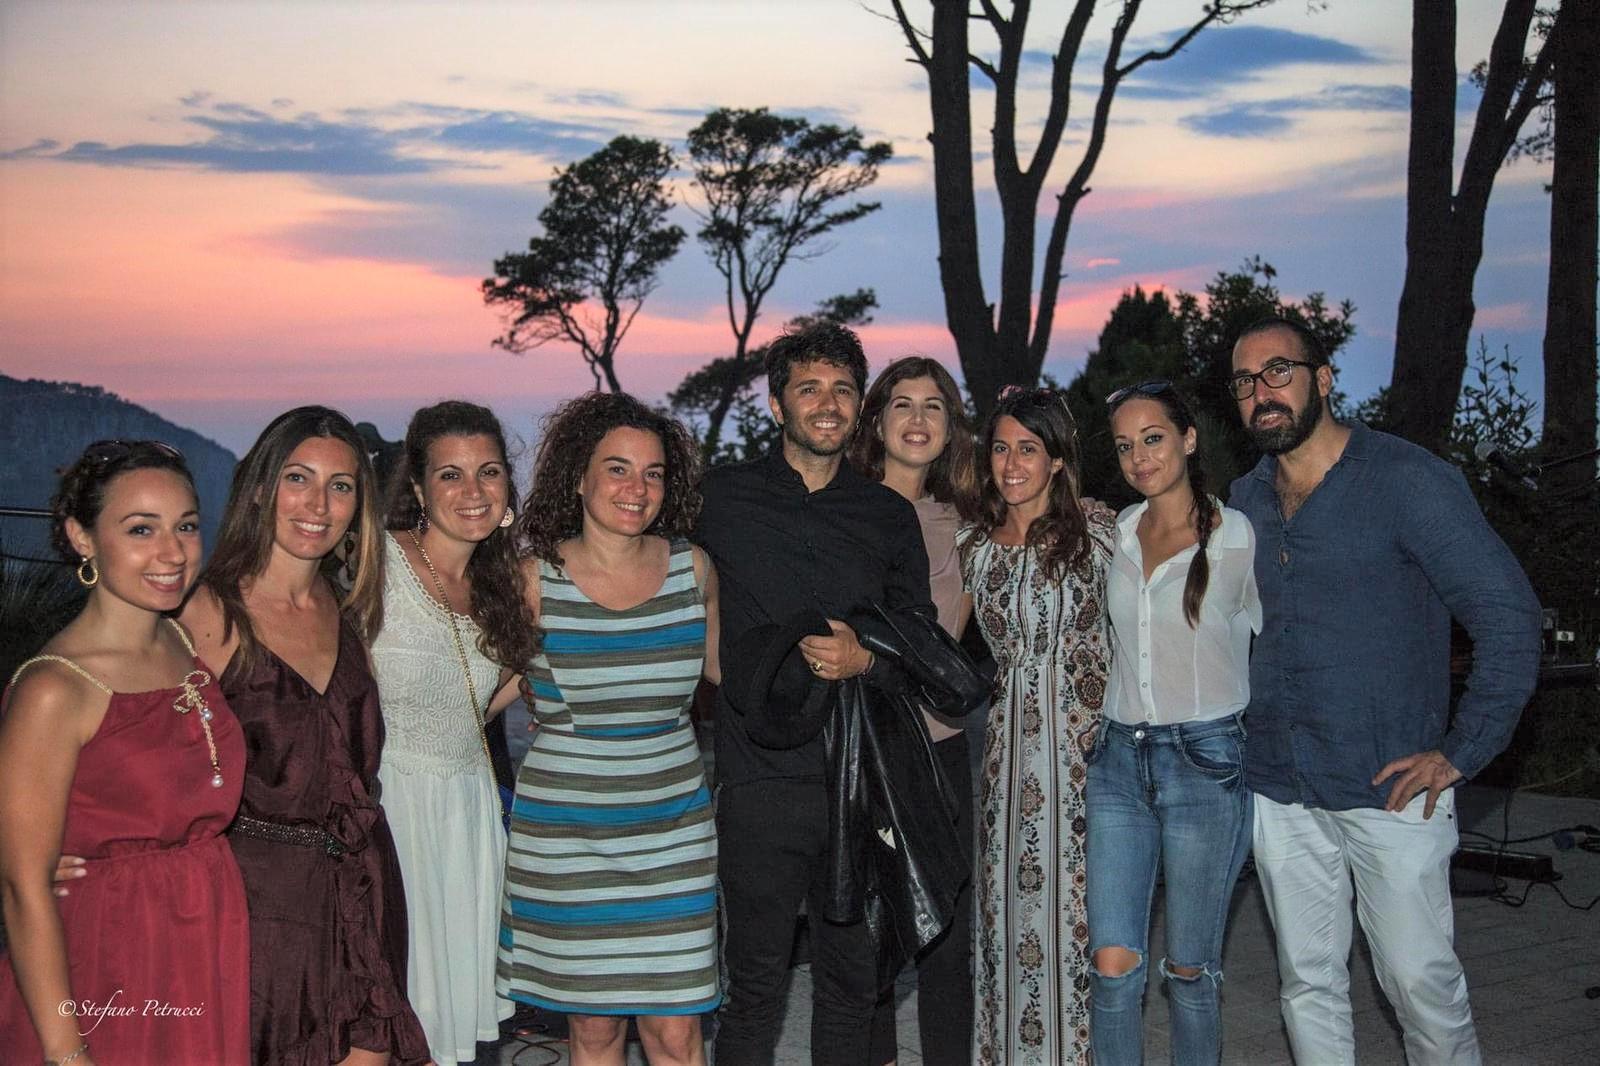 Capri. L'associazione Apeiron esprime soddisfazione per il riaffido dei servizi turistici di custodia, assistenza culturale, accoglienza al pubblico, promozione e valorizzazione di Villa Lysis